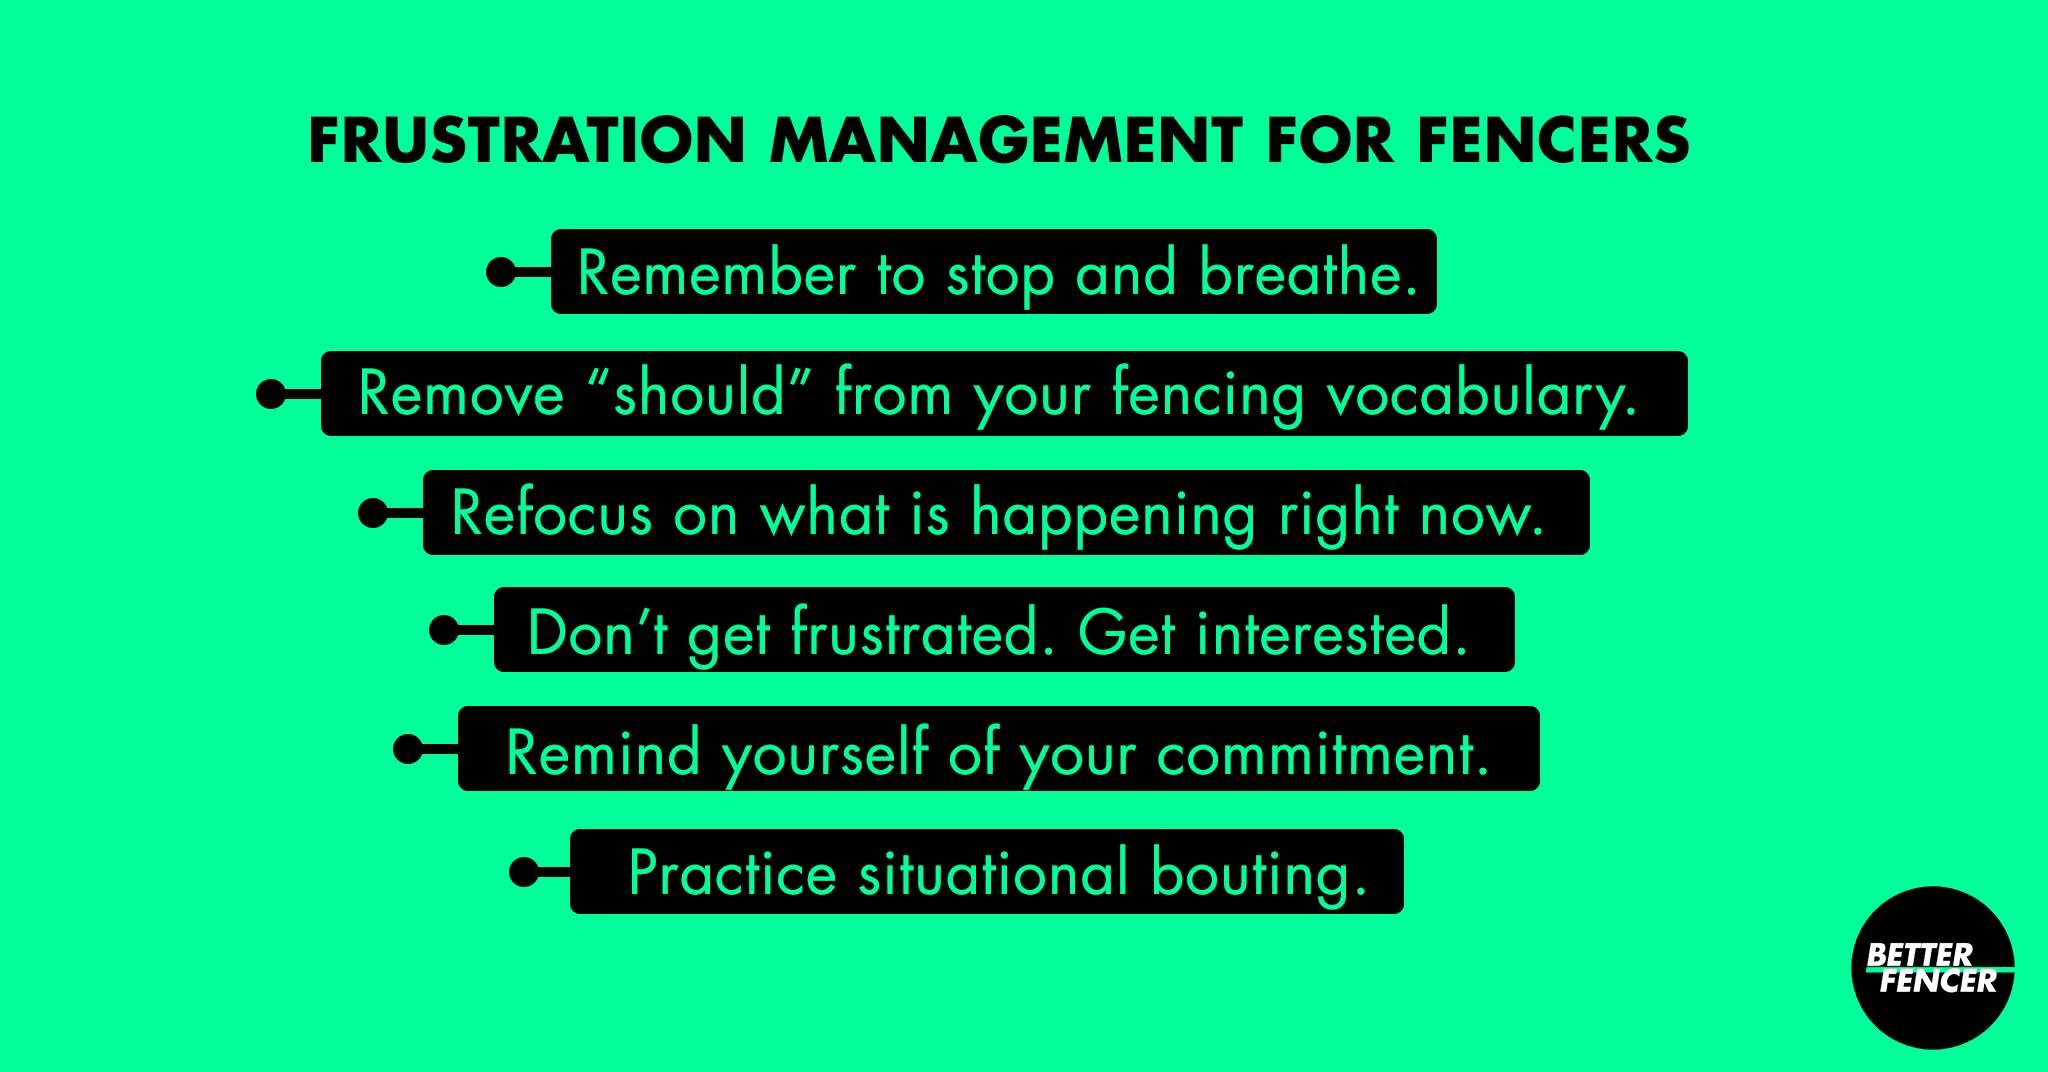 Frustration Mangement Guidelines for Fencers